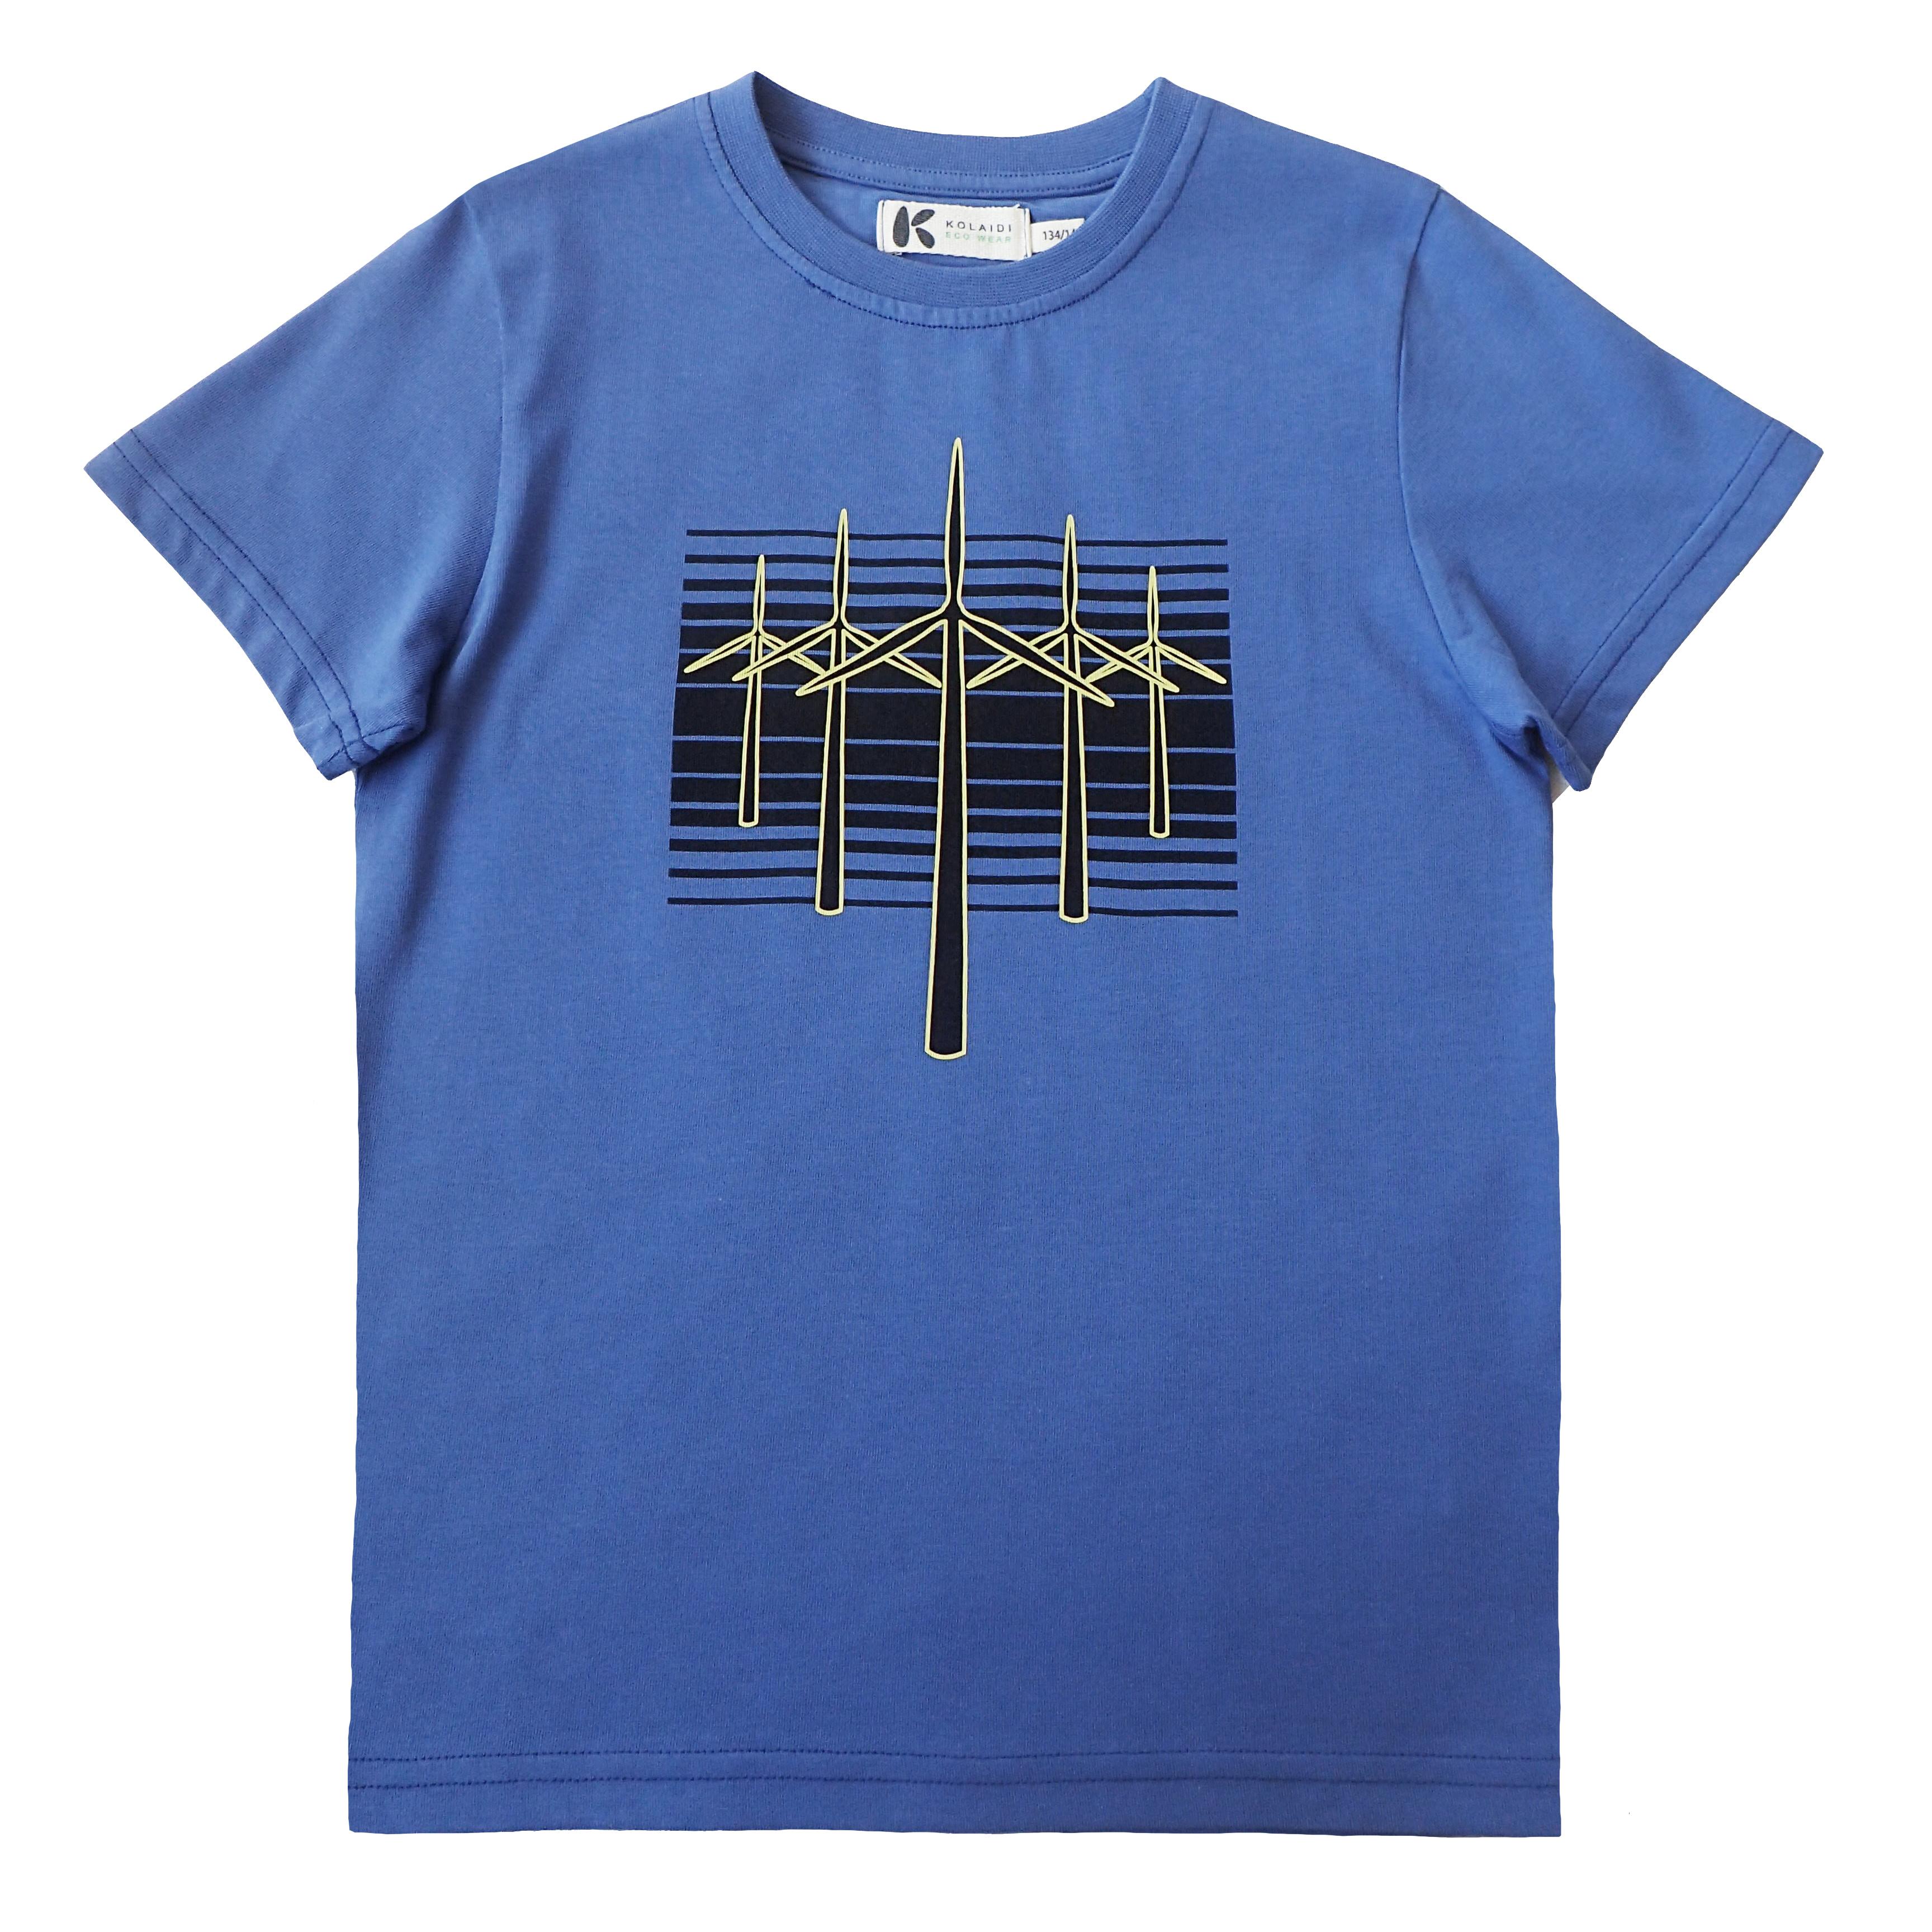 Drenge T-shirt med vindmøller